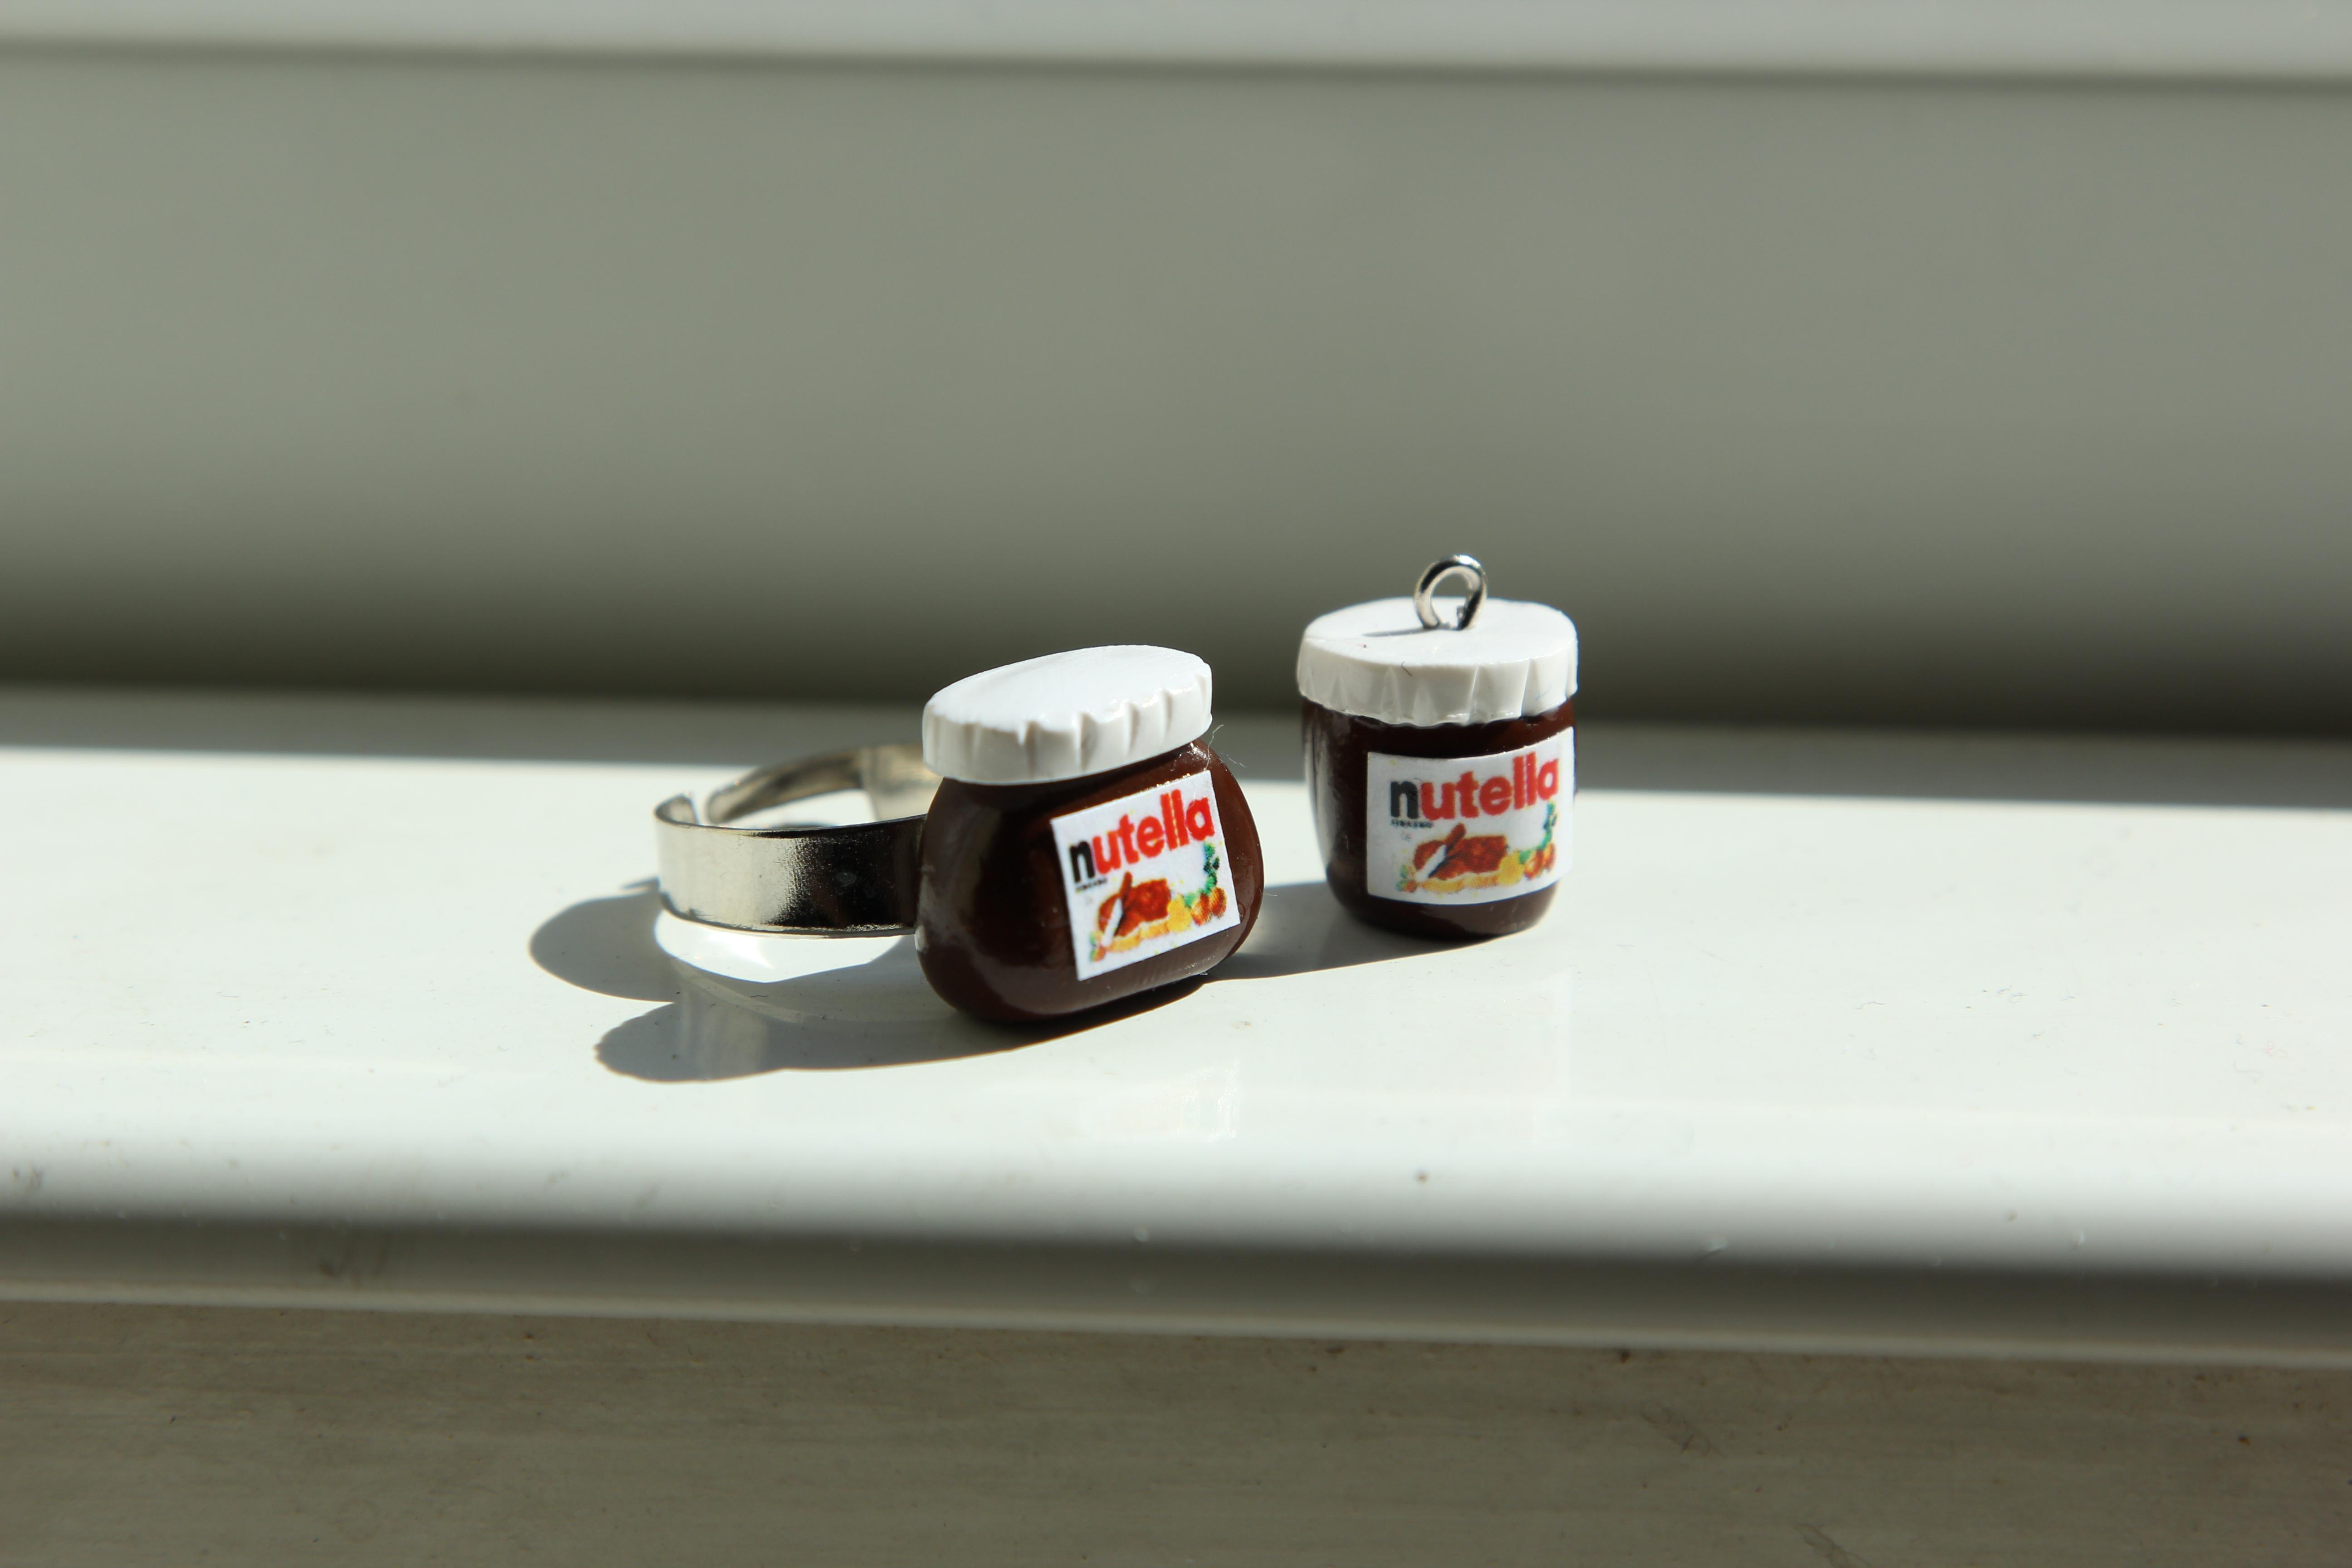 Polymer clay Nutella jar tutorial